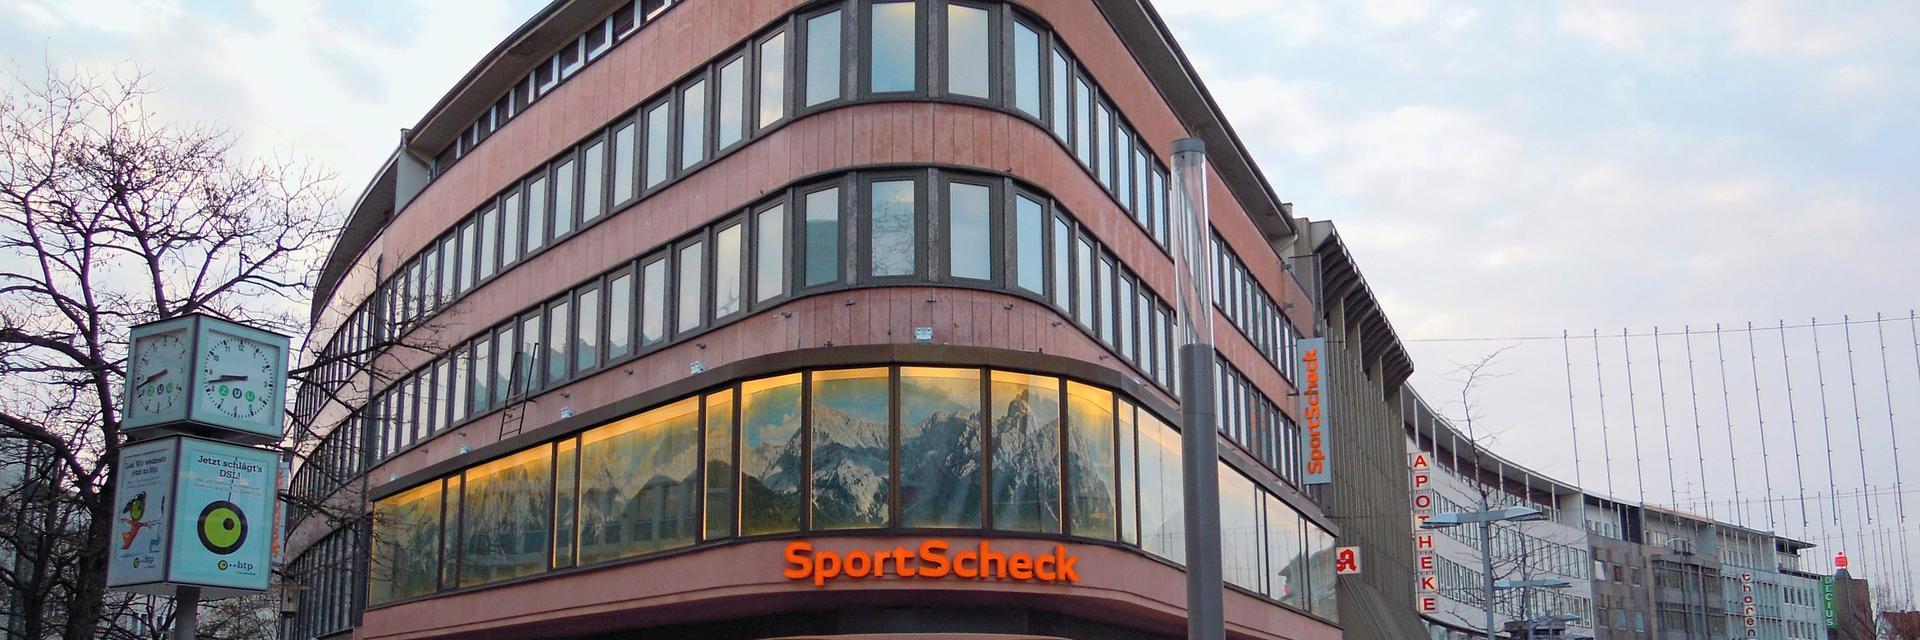 SportScheck Hannover